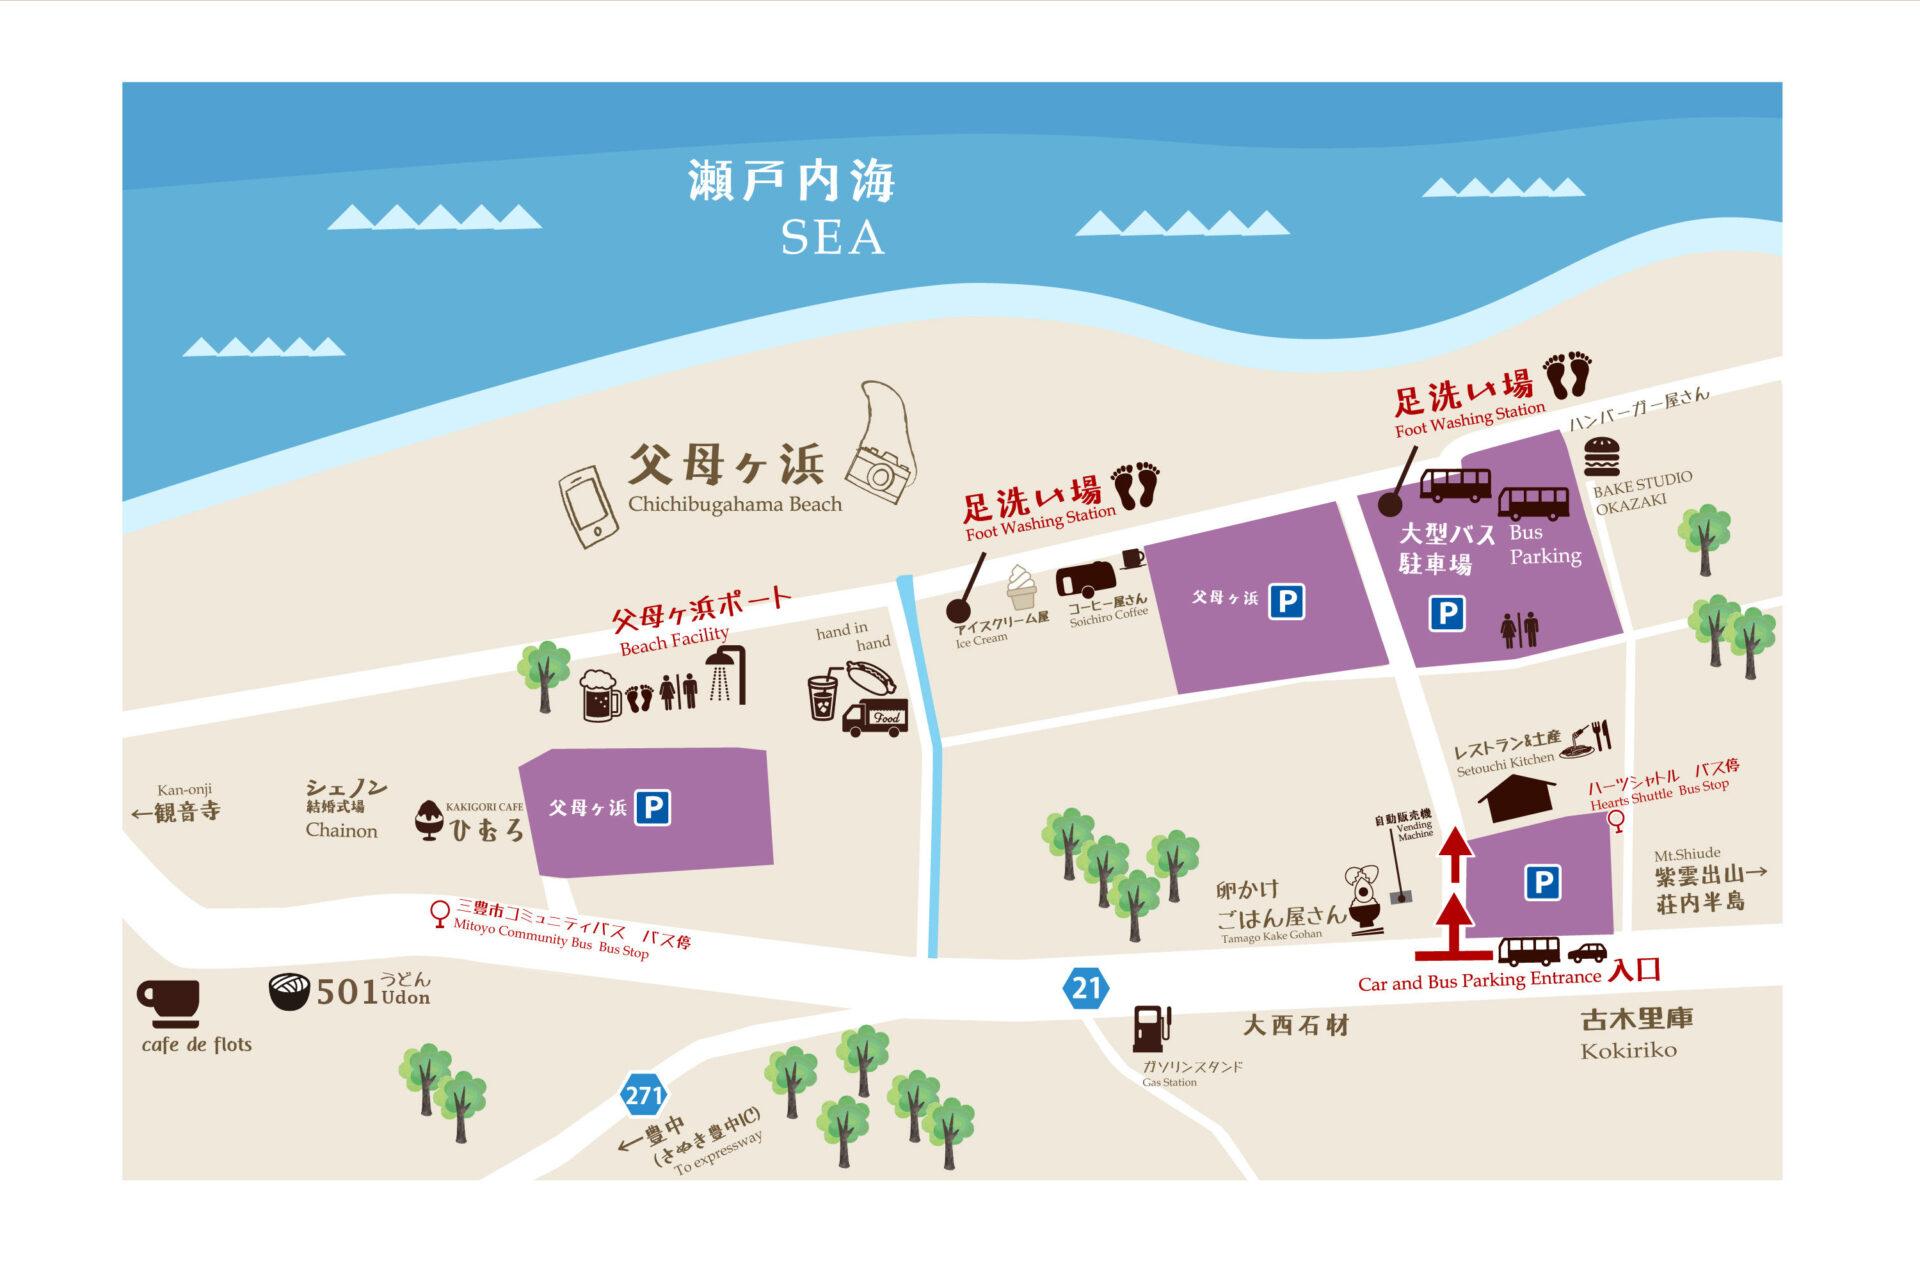 chichibugahama area map